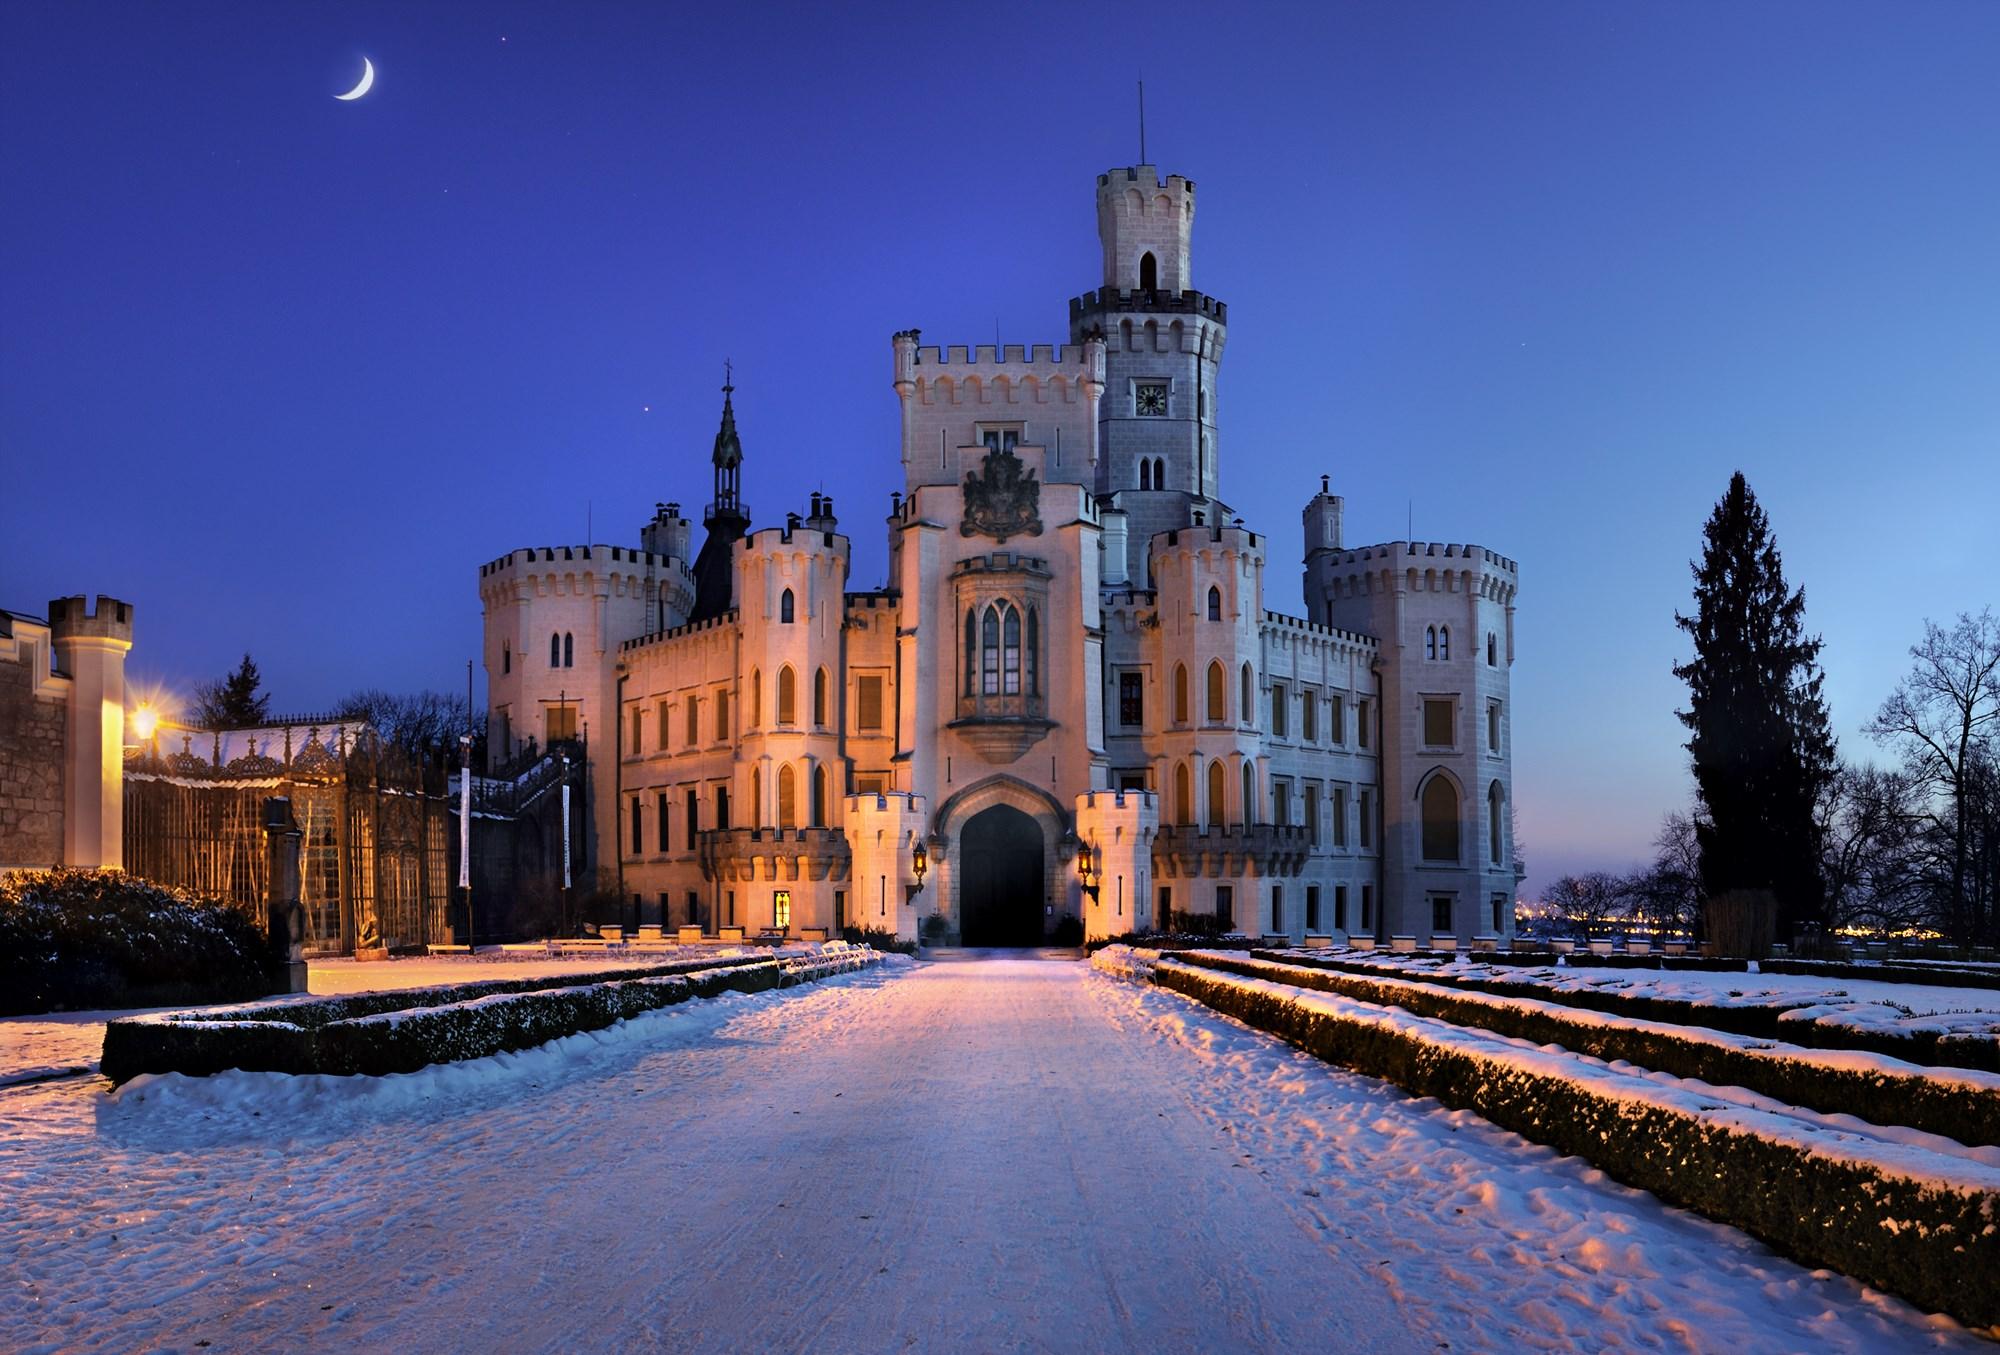 12 inšpirácií na hrady a zámky, ktoré sú otvorené v zime